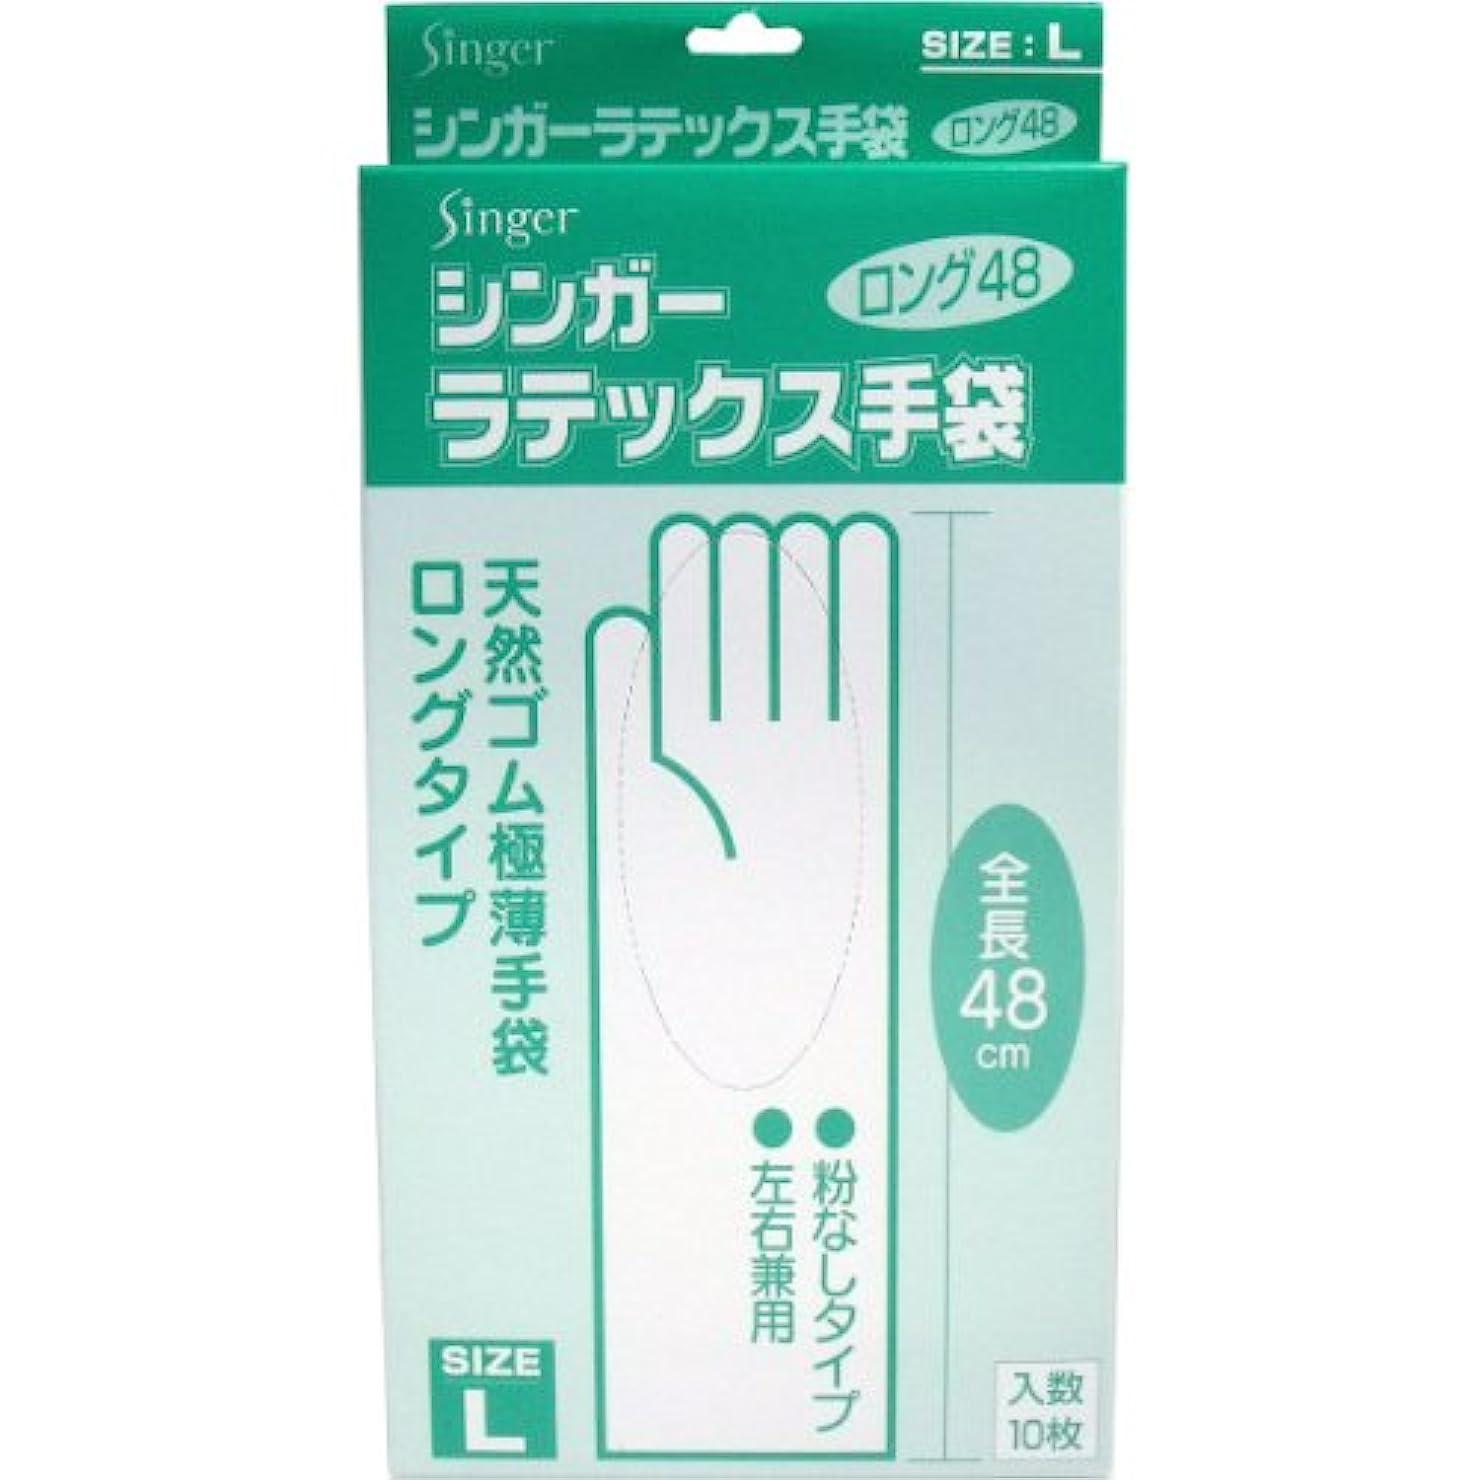 評論家スズメバチマーベルシンガーラテックス手袋 天然ゴム極薄手袋 ロングタイプ Lサイズ 10枚入